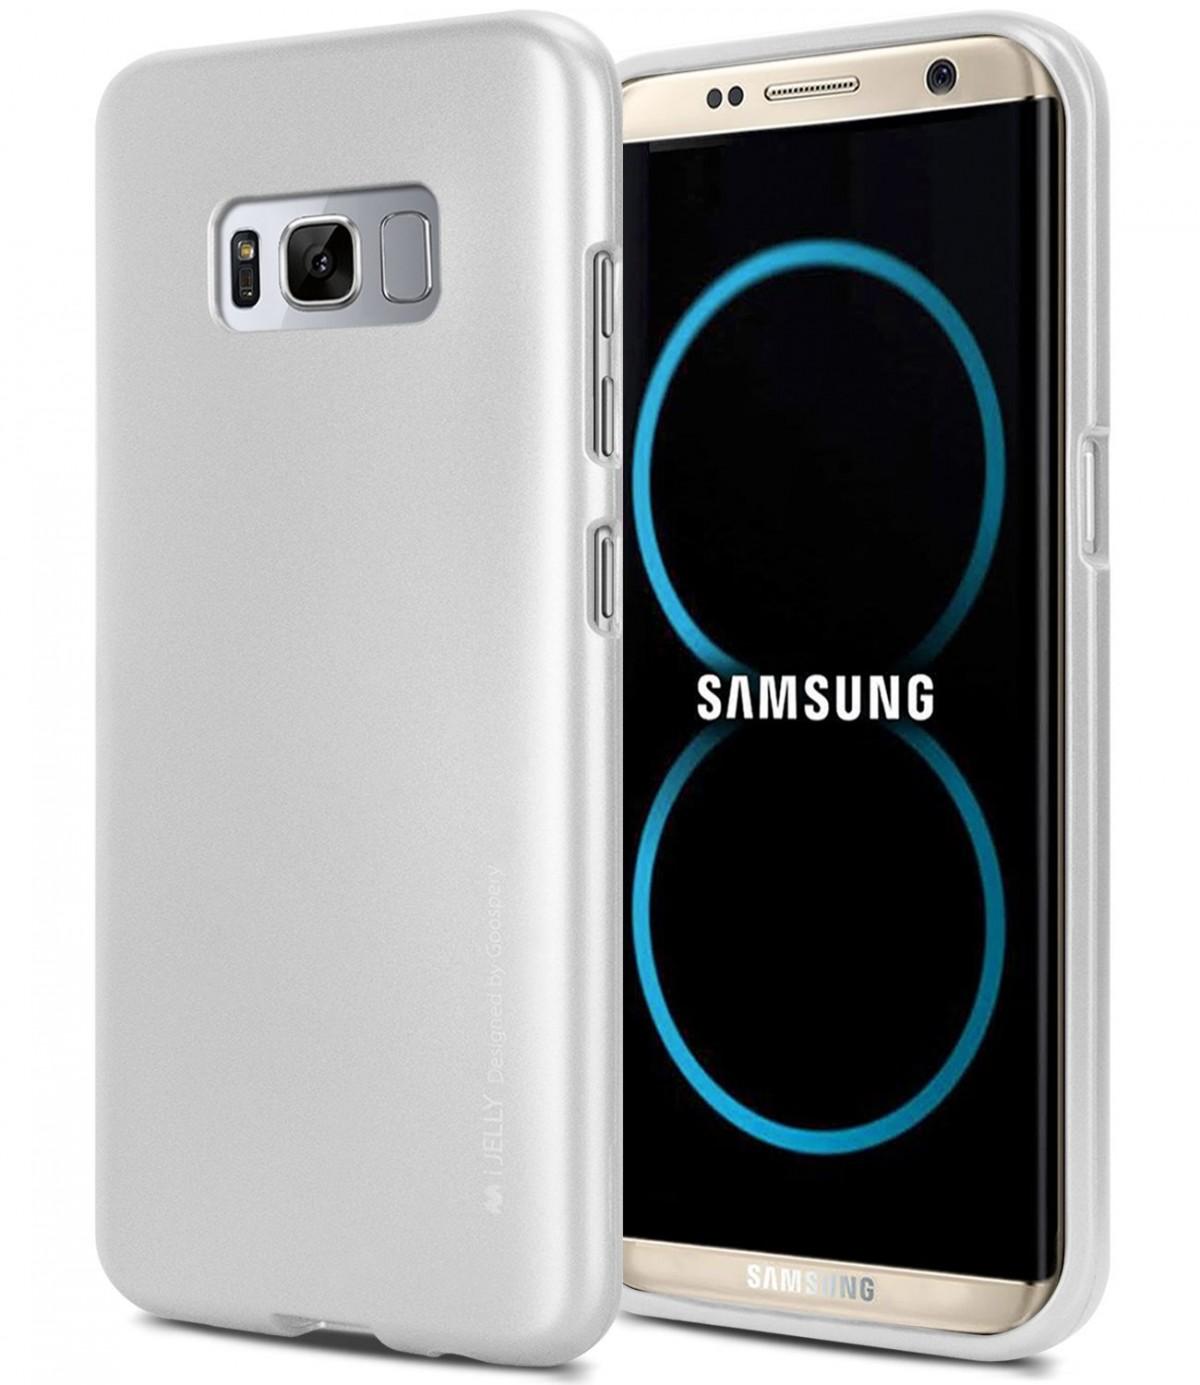 Silikonové barevné obaly / kryty Goospery Mercury pro Samsung Galaxy S8 - iJelly Metal - Stříbrný